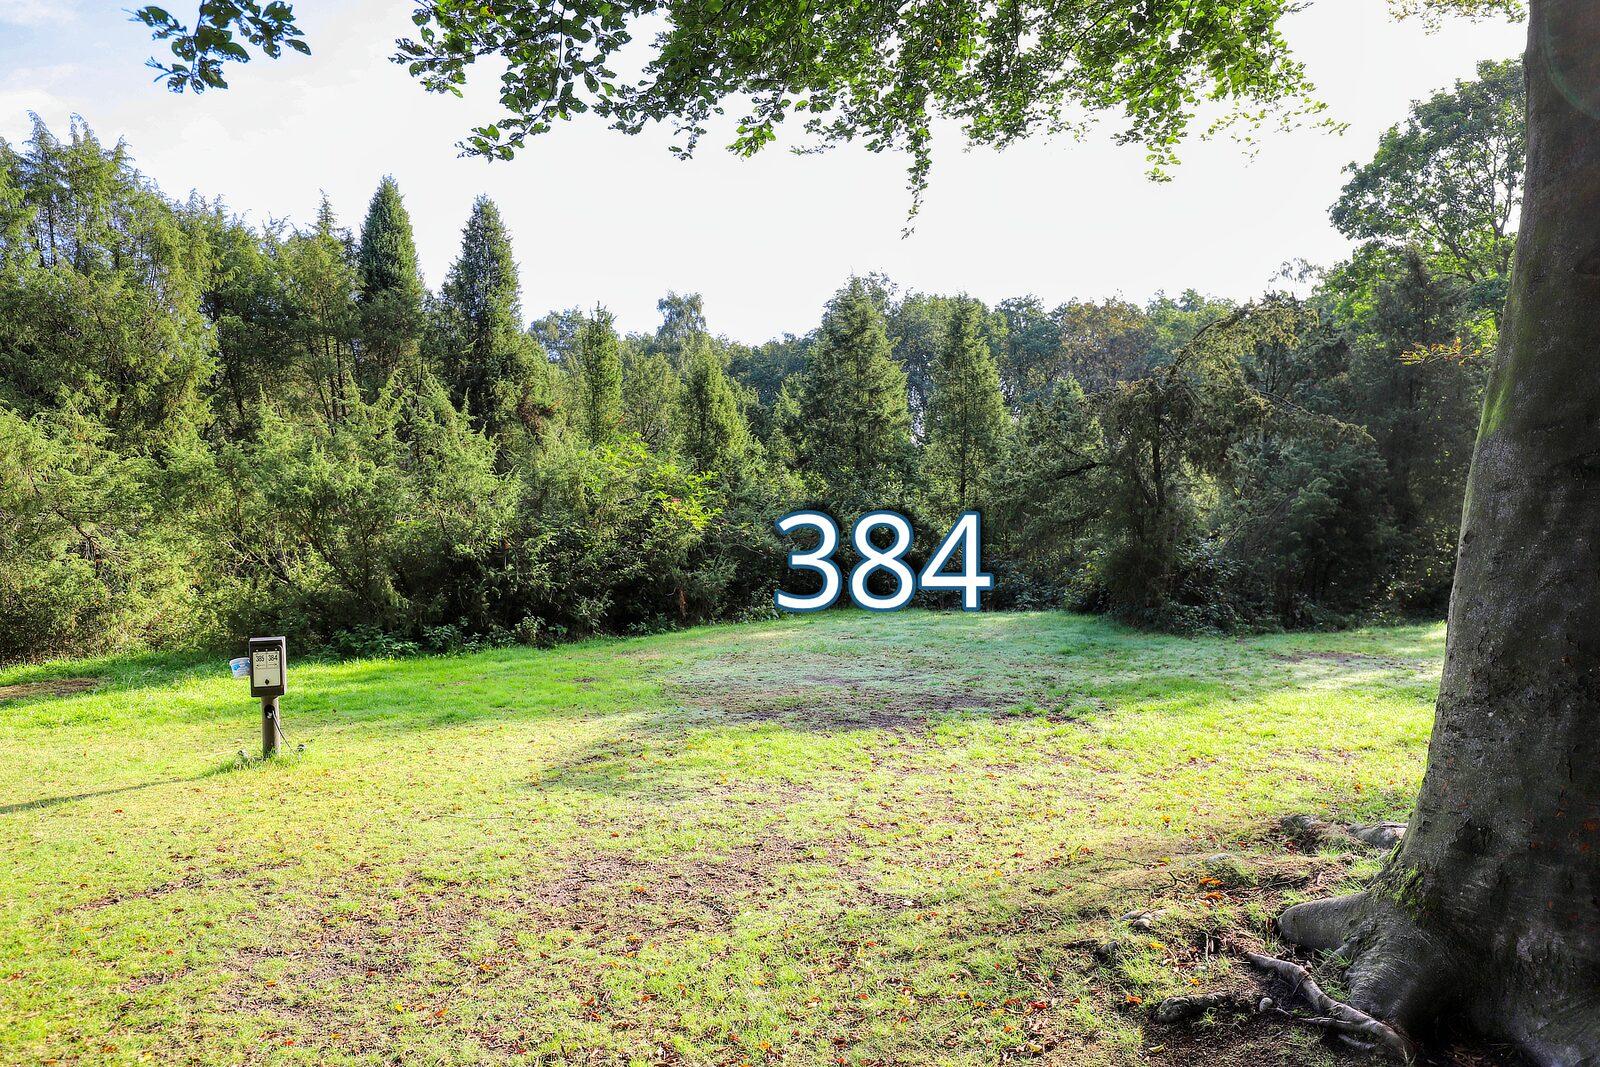 houtduif 384